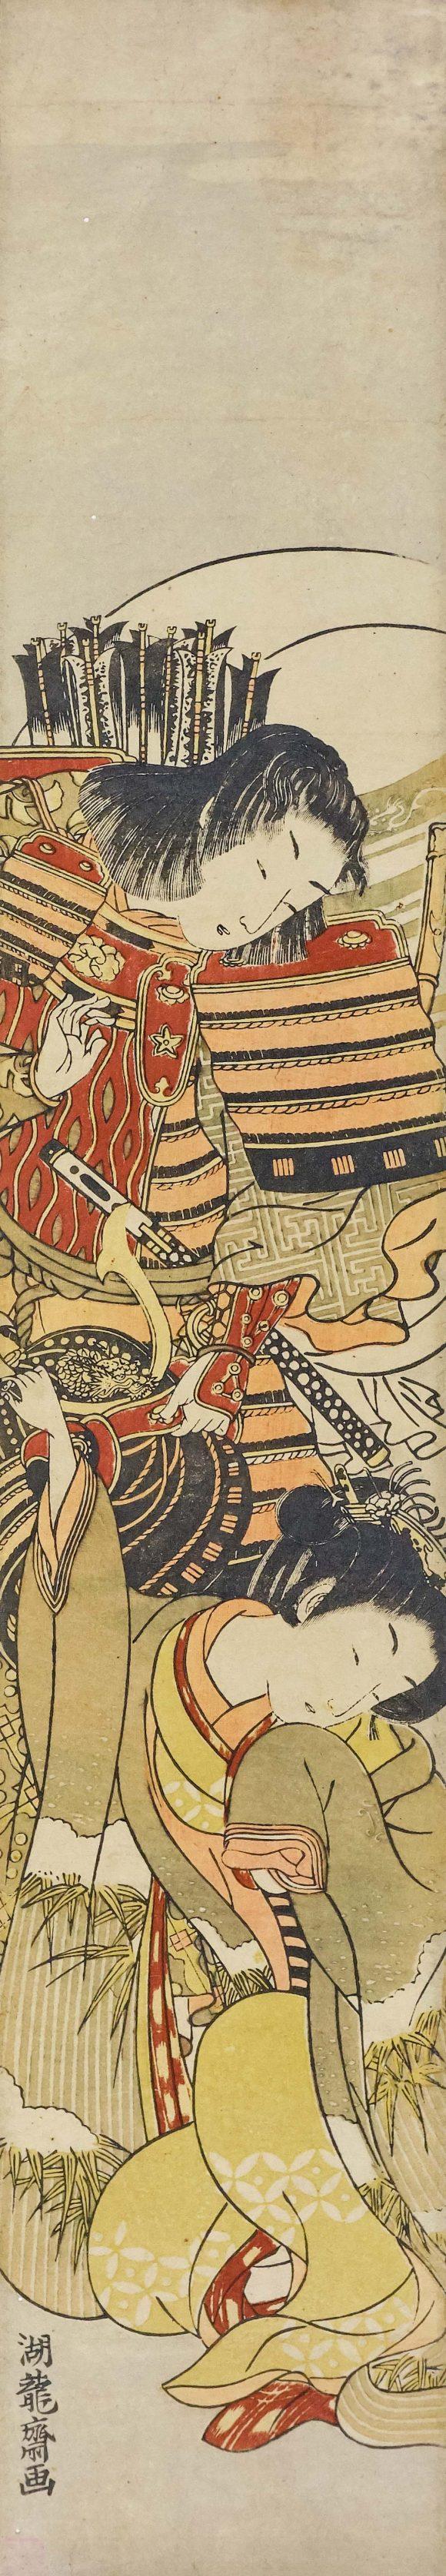 La courtisane Shizuta et Minamoto Yoshitsune, Isoda Koryûsai